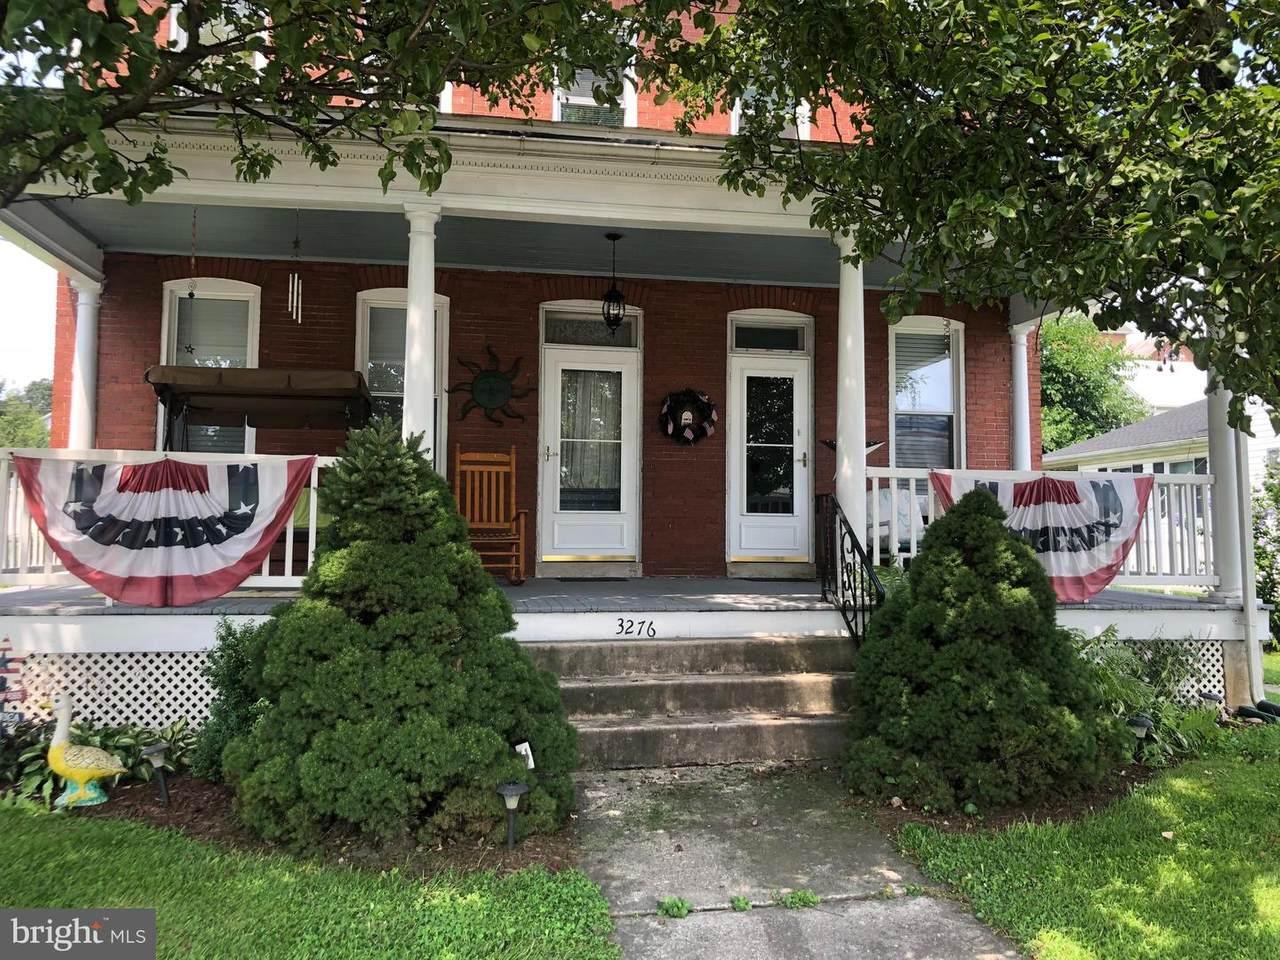 3276 N George Street - Photo 1